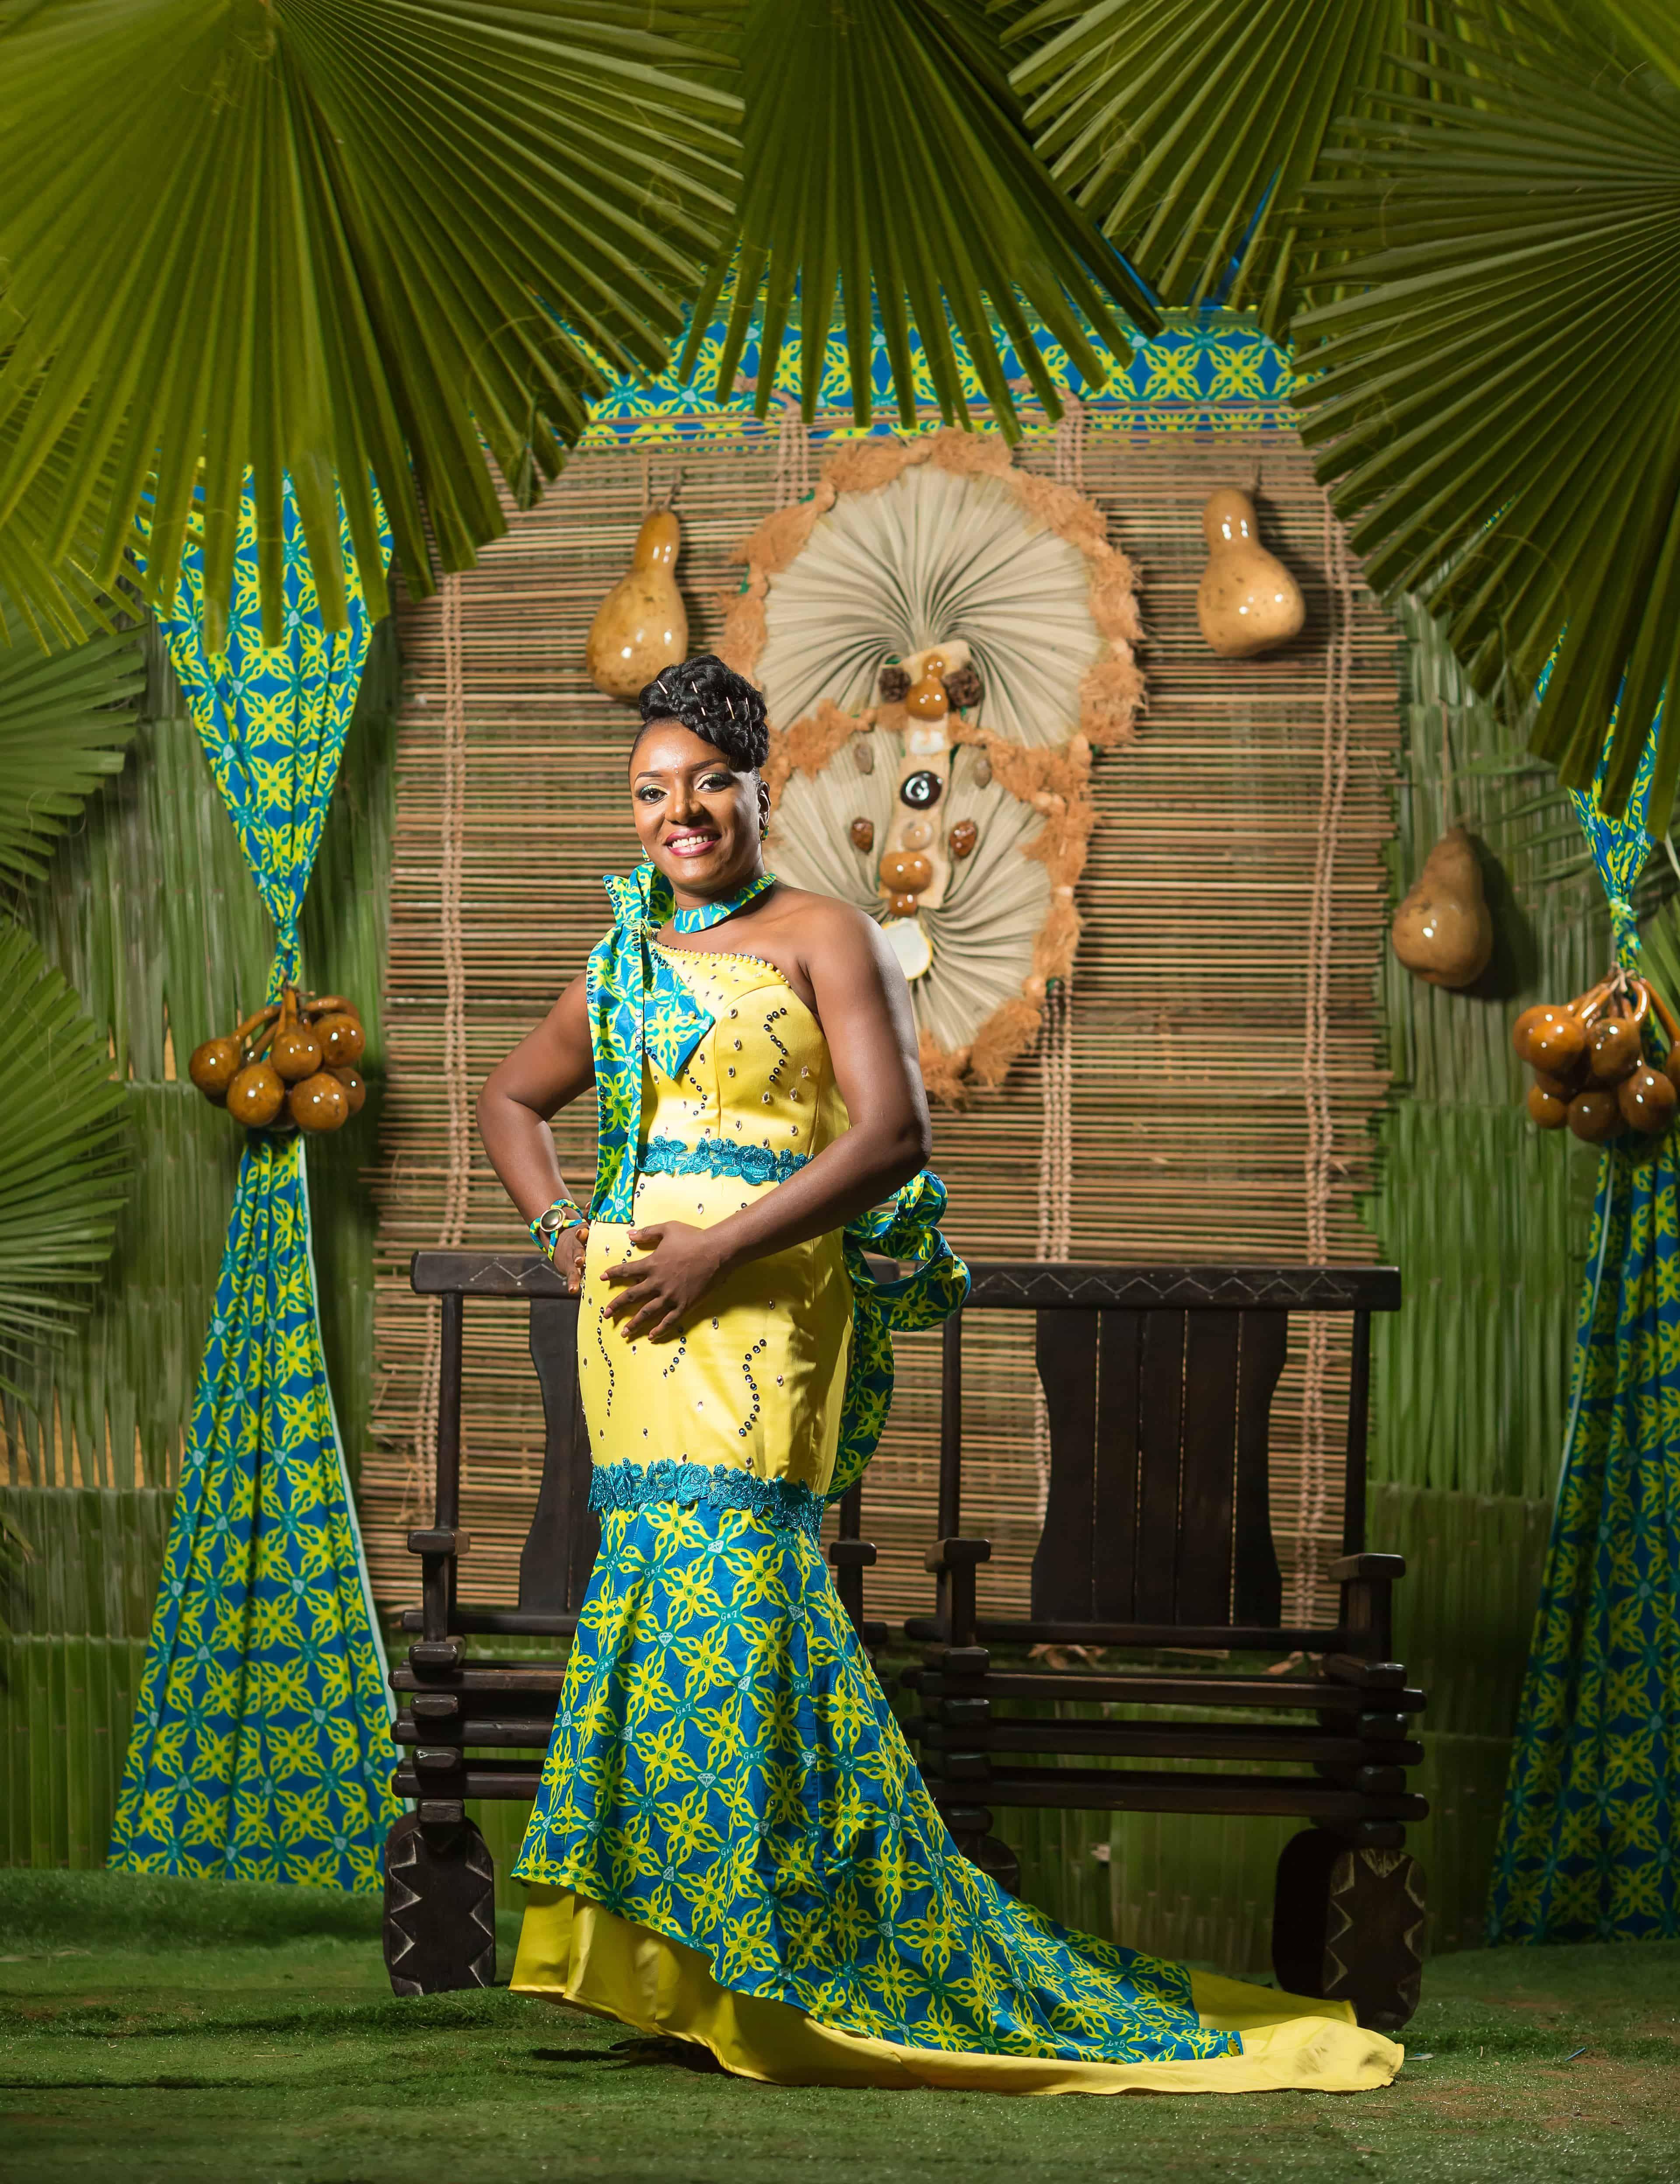 Lamar Event Mariage Coutumier Africain Gabonais Decoration